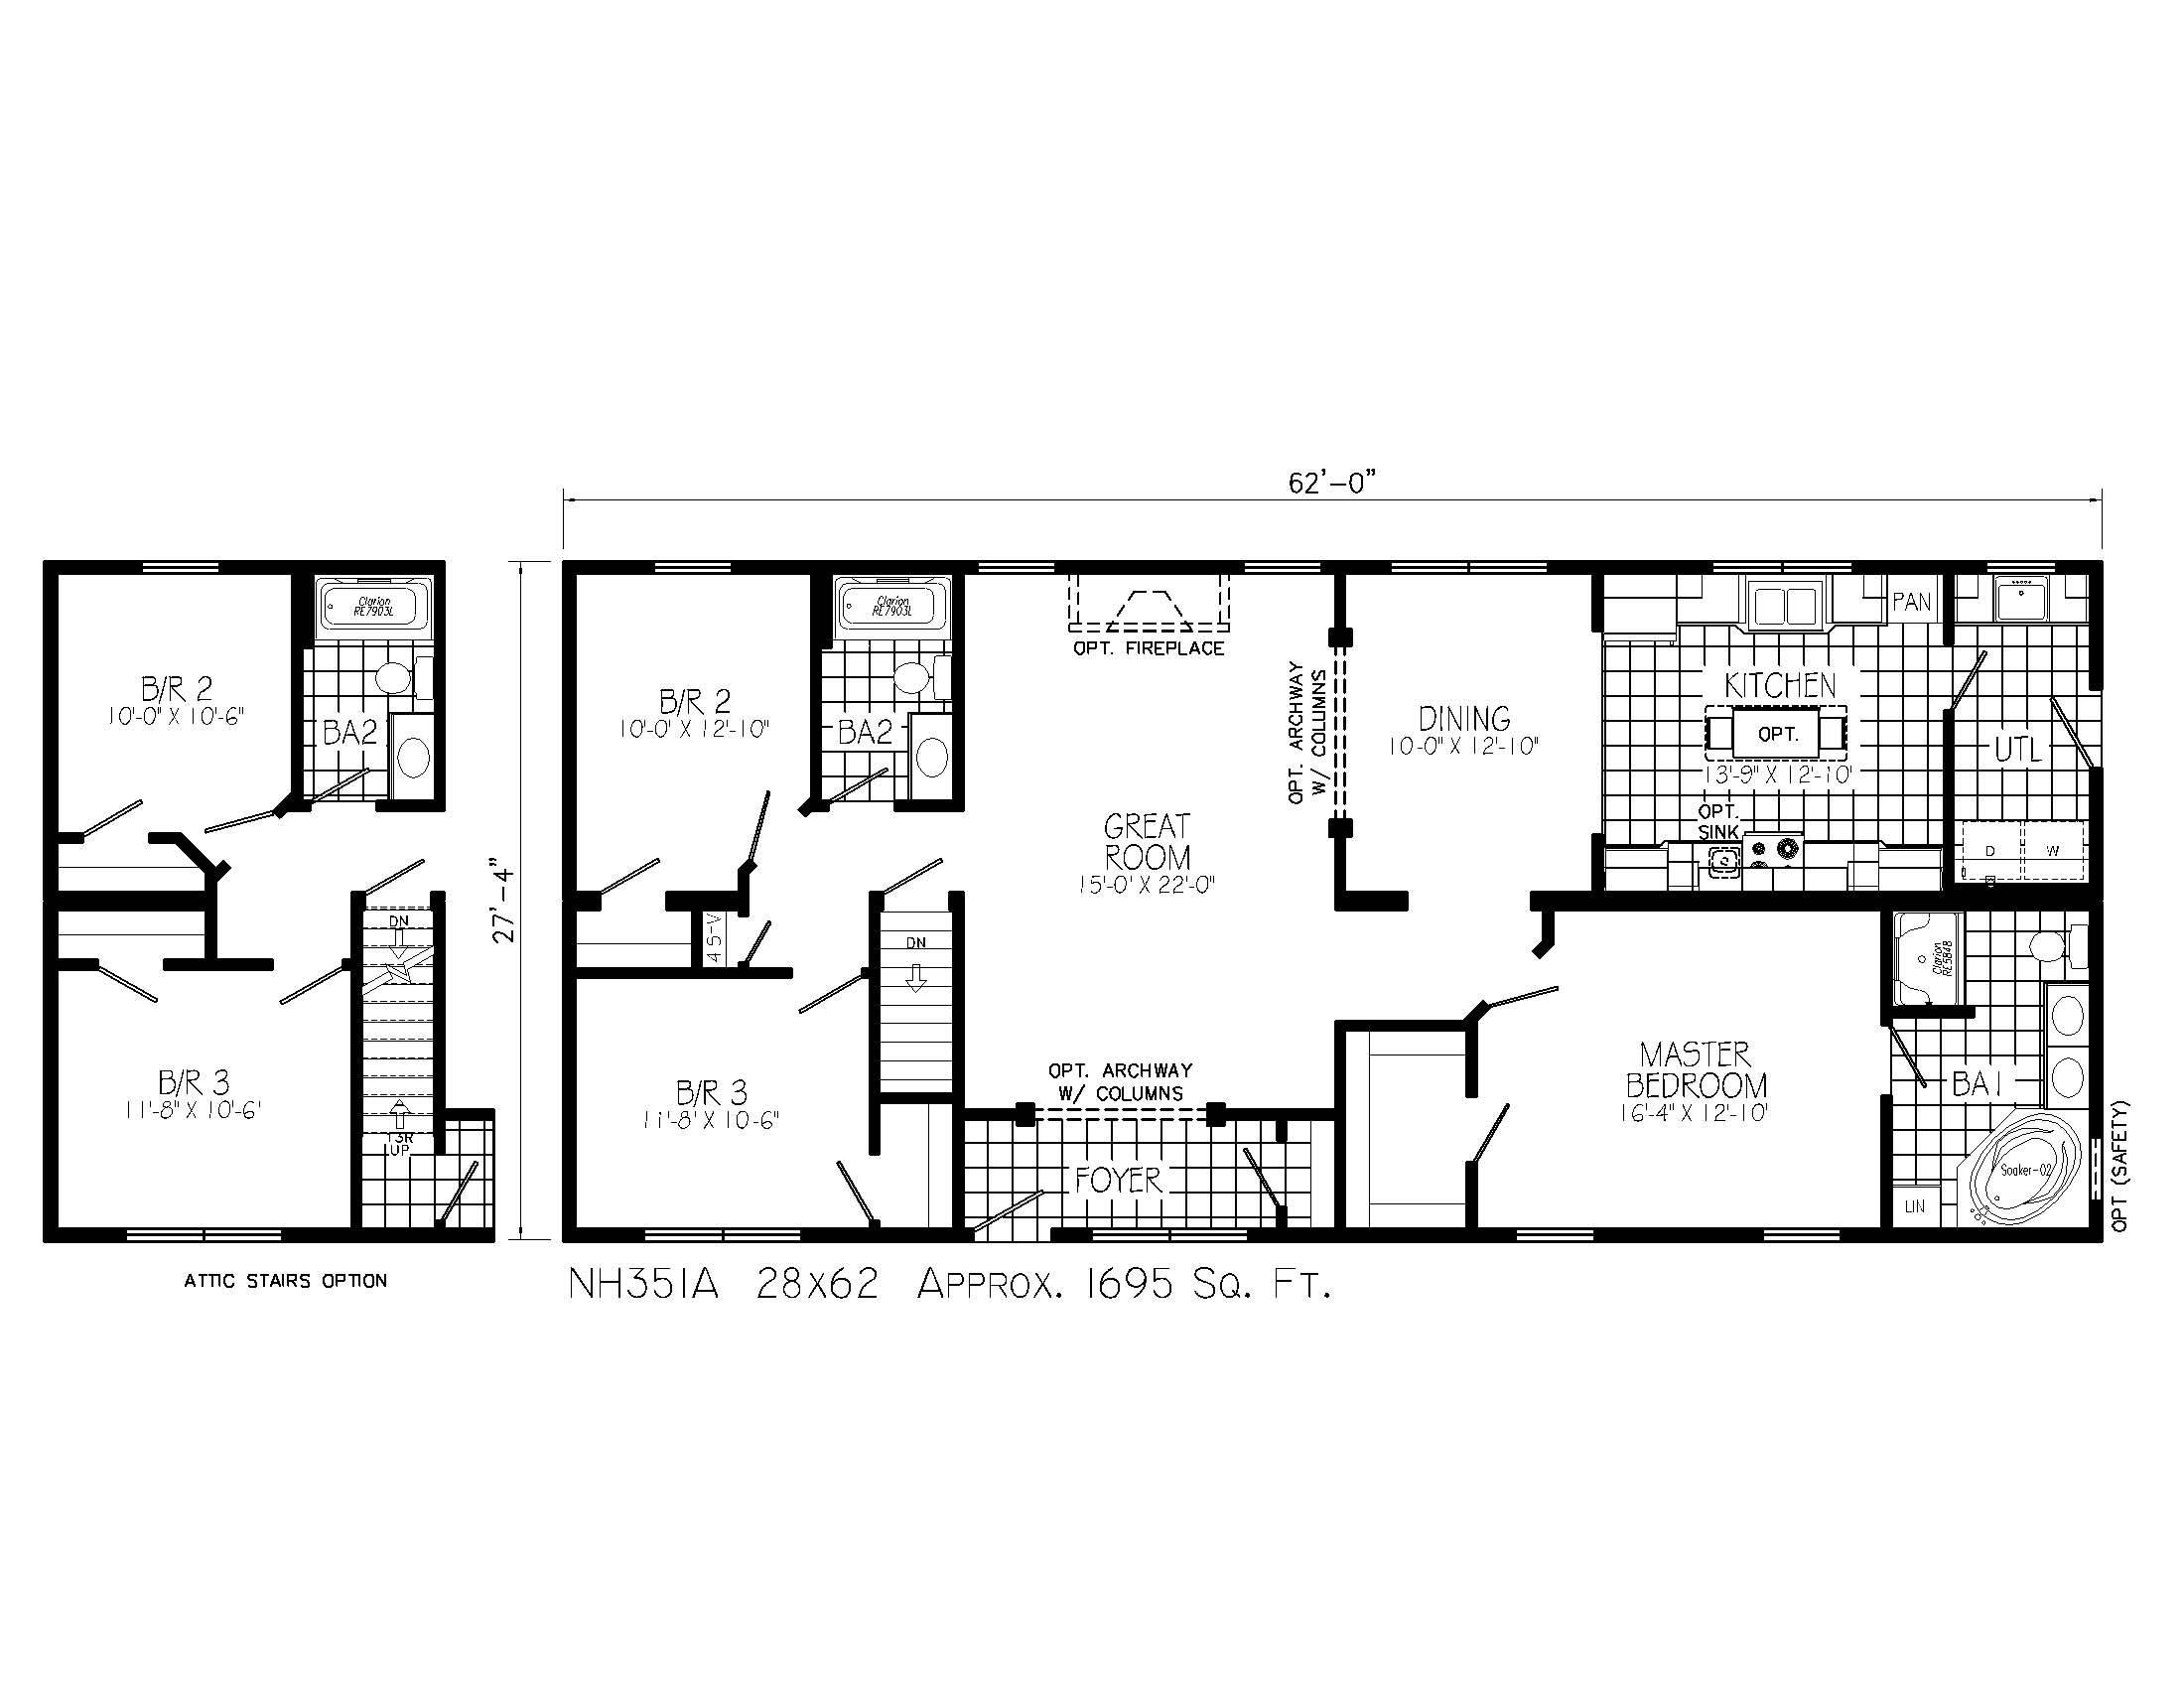 ustom Open Floor House Plans - ^